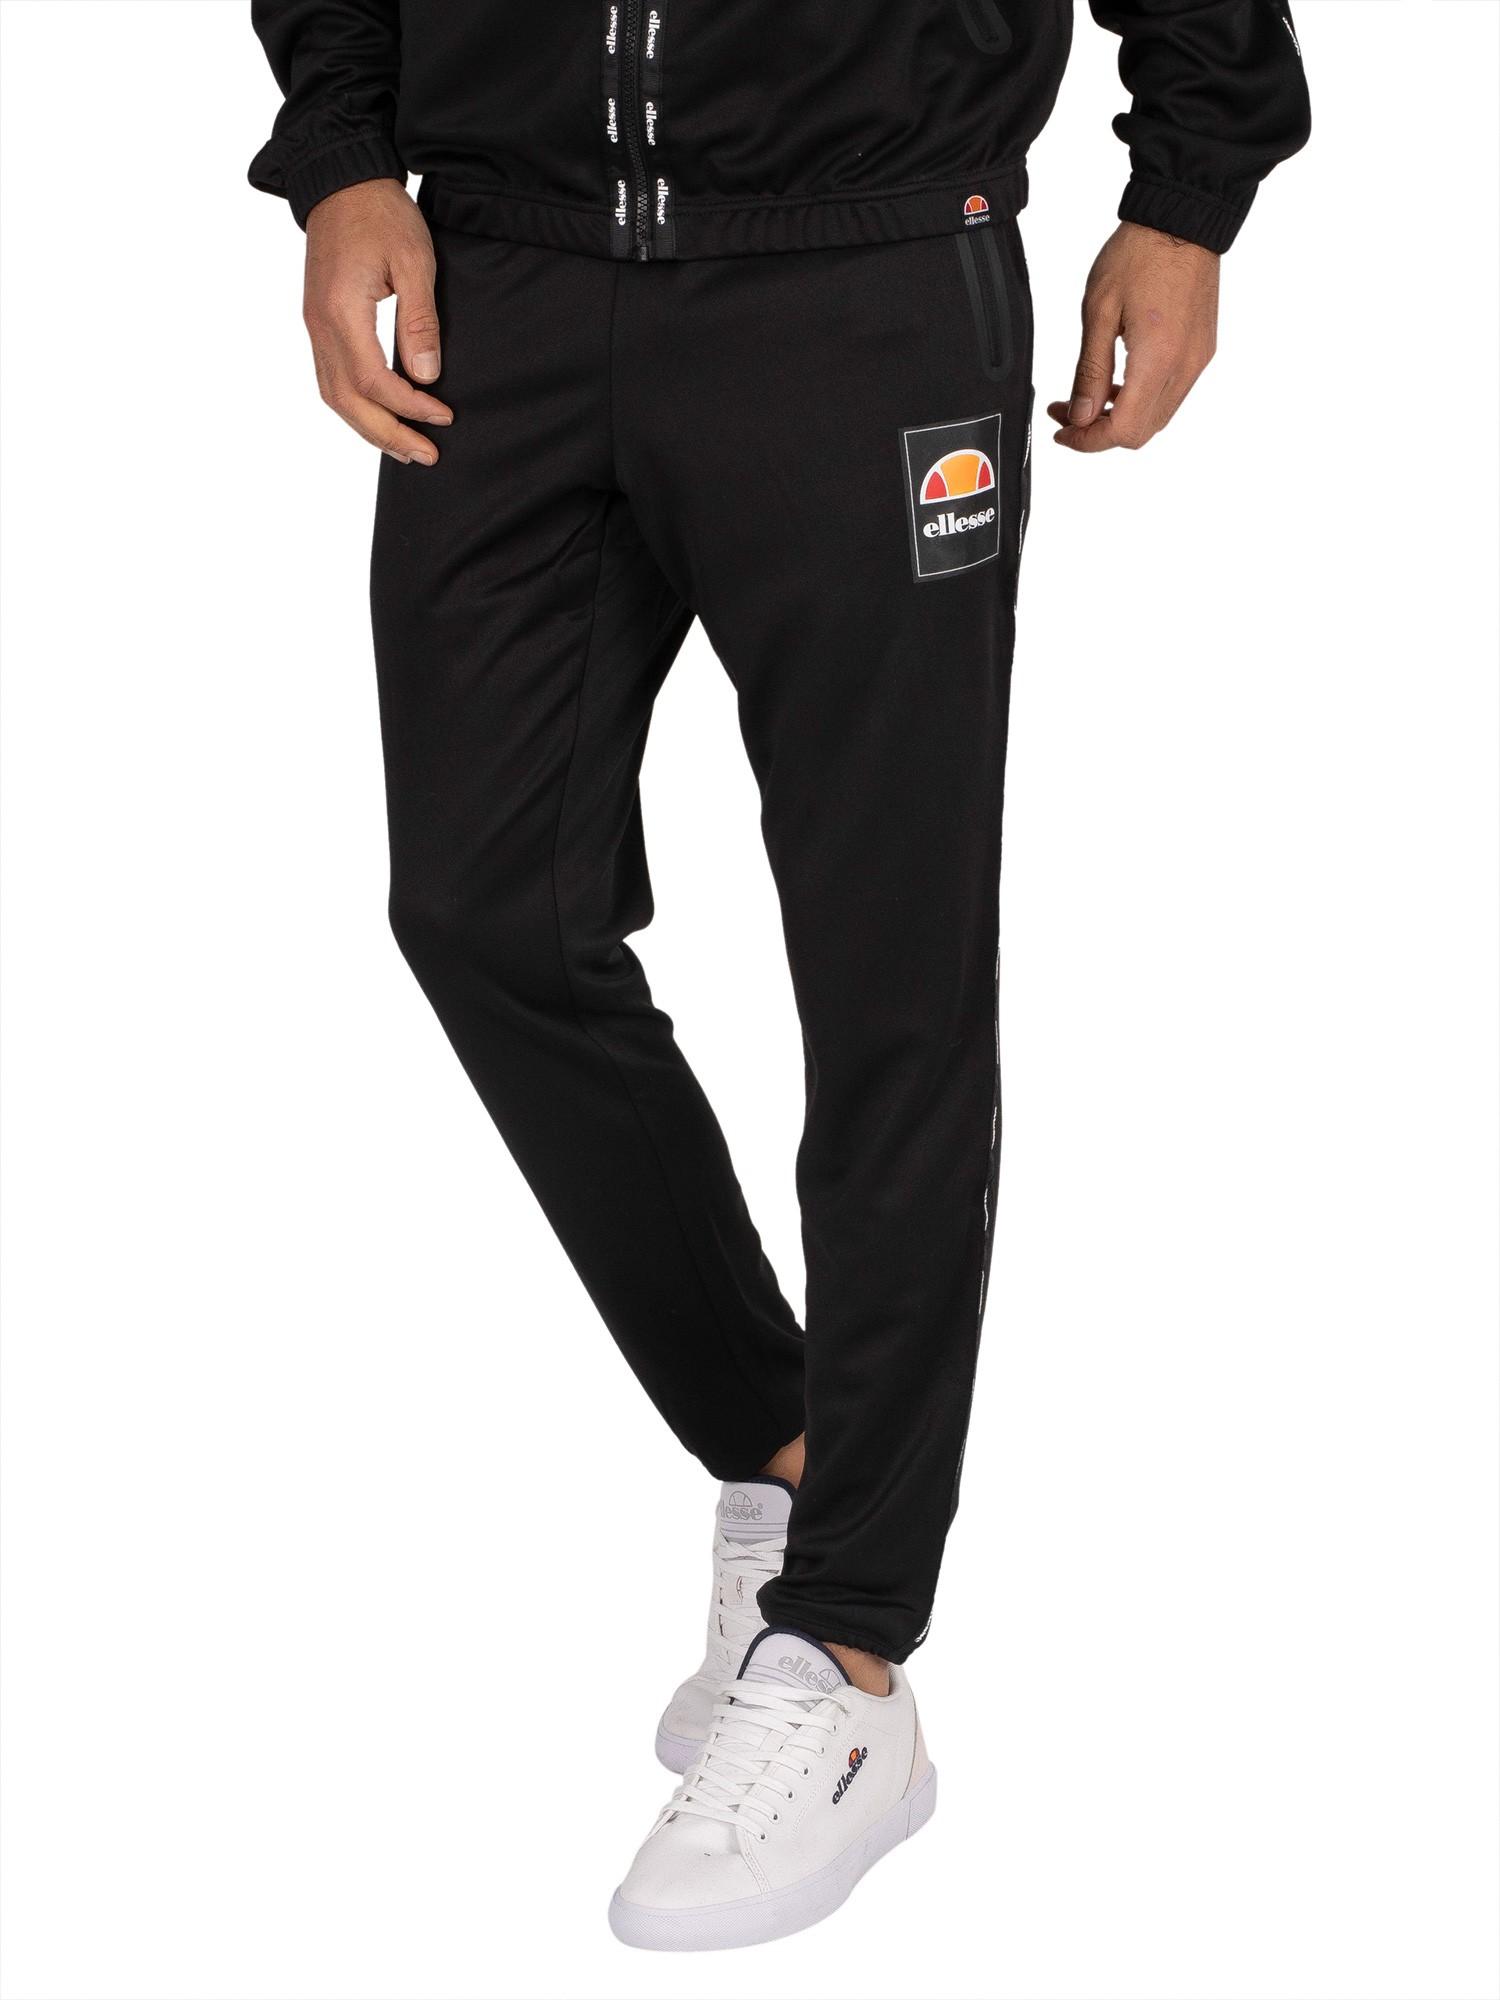 Pantaloni Uomo Ellesse Bertoni Track Pant